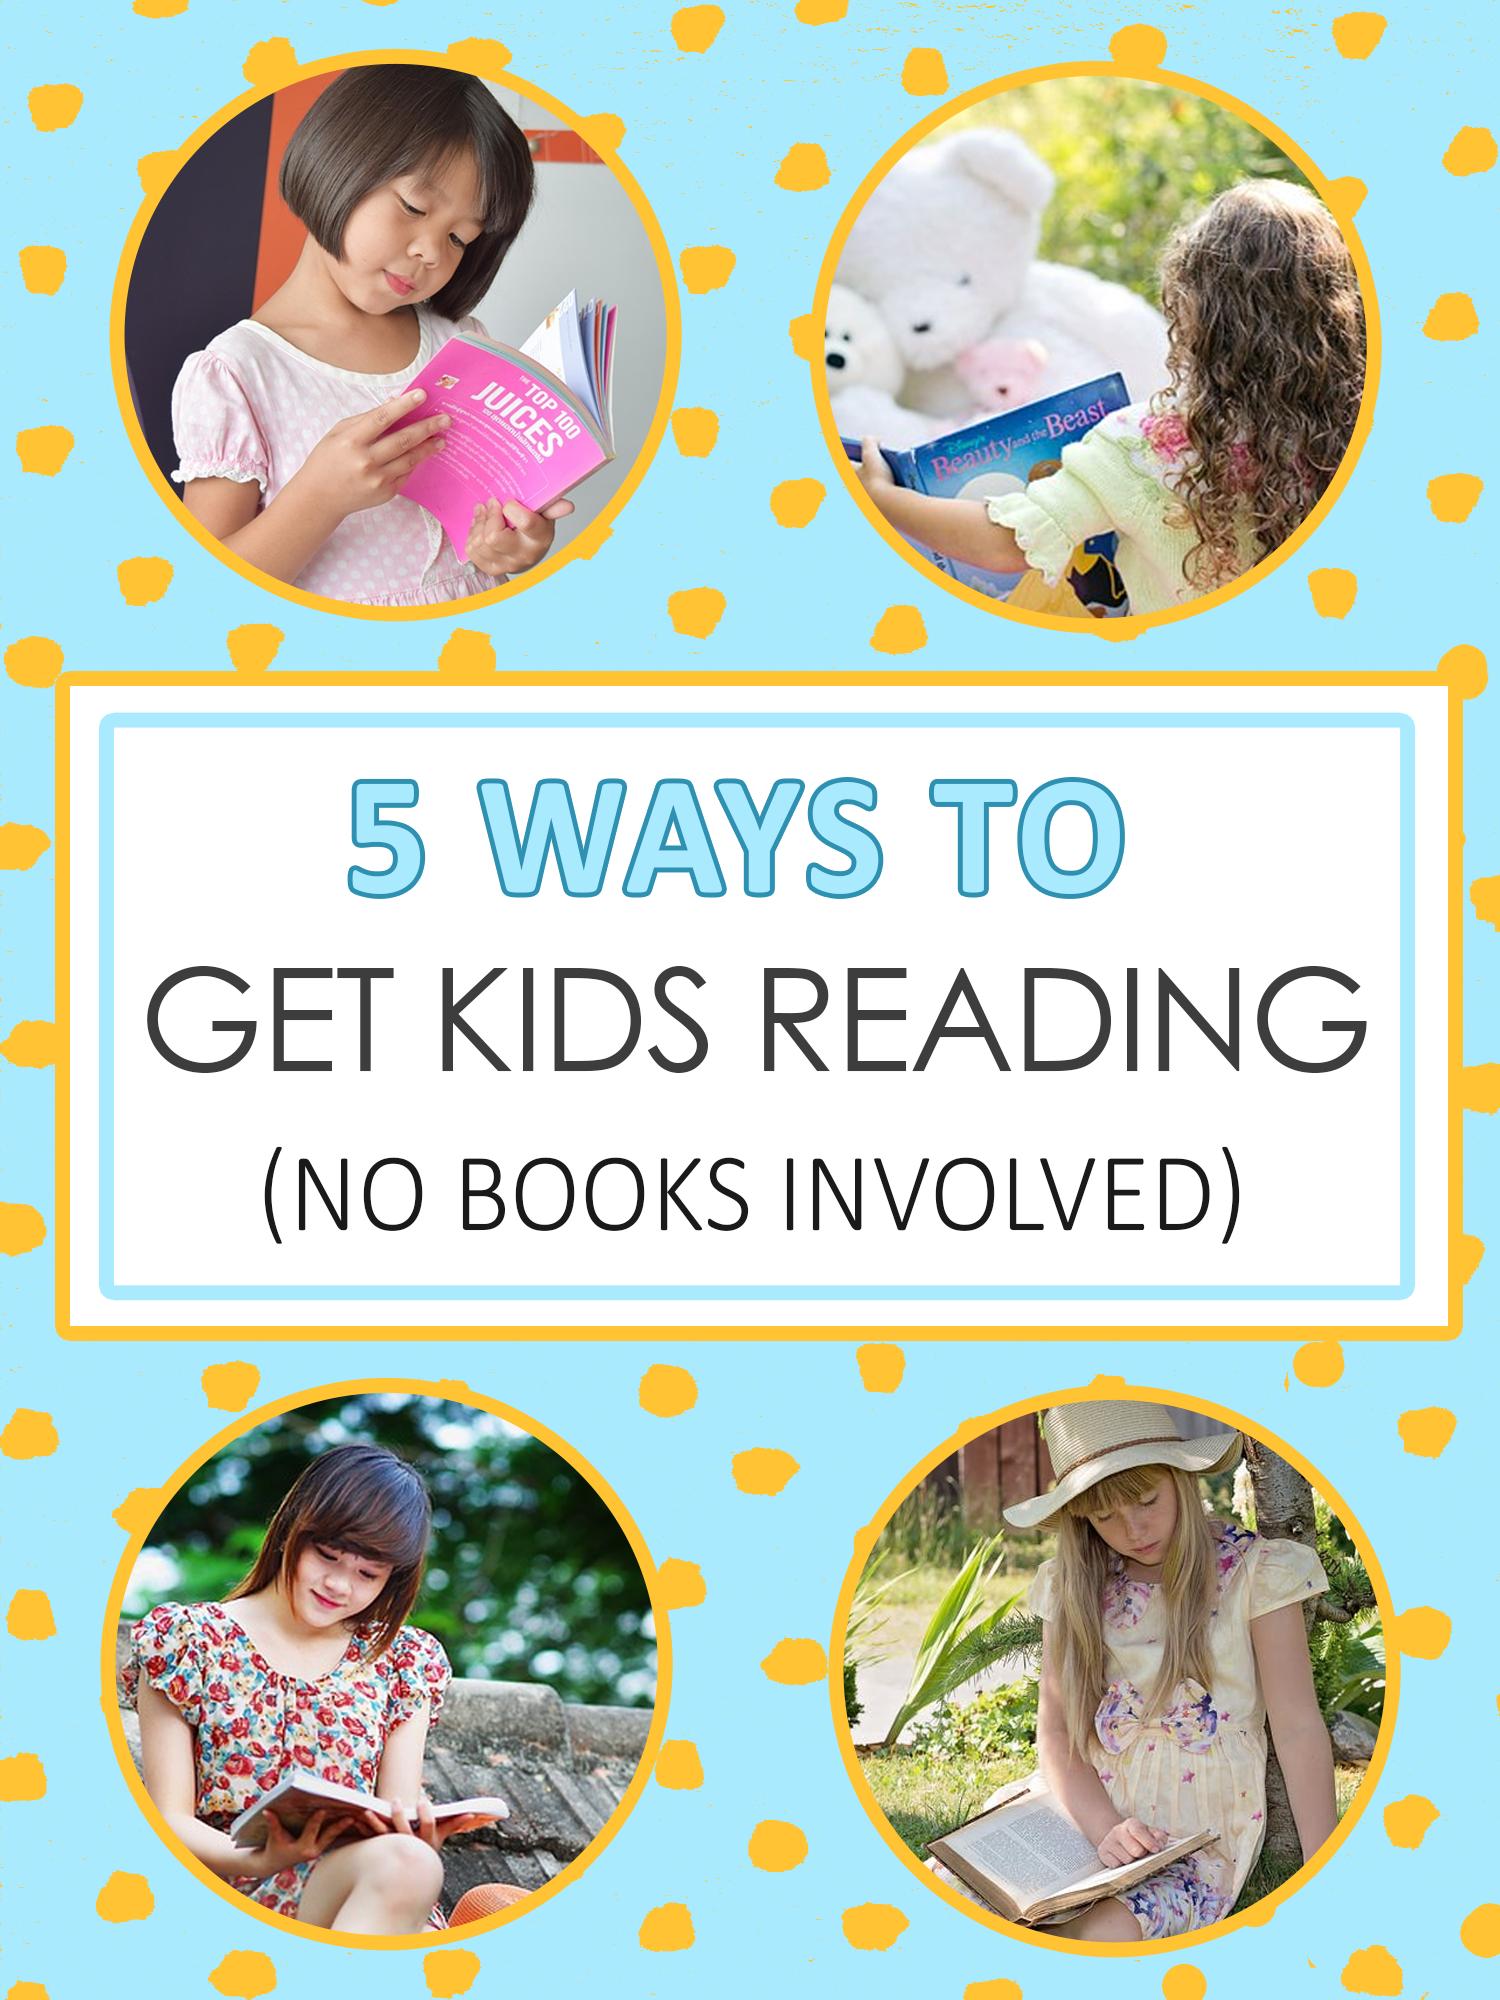 让孩子阅读的5种方法,无书参与_想象森林新利18app官网下载